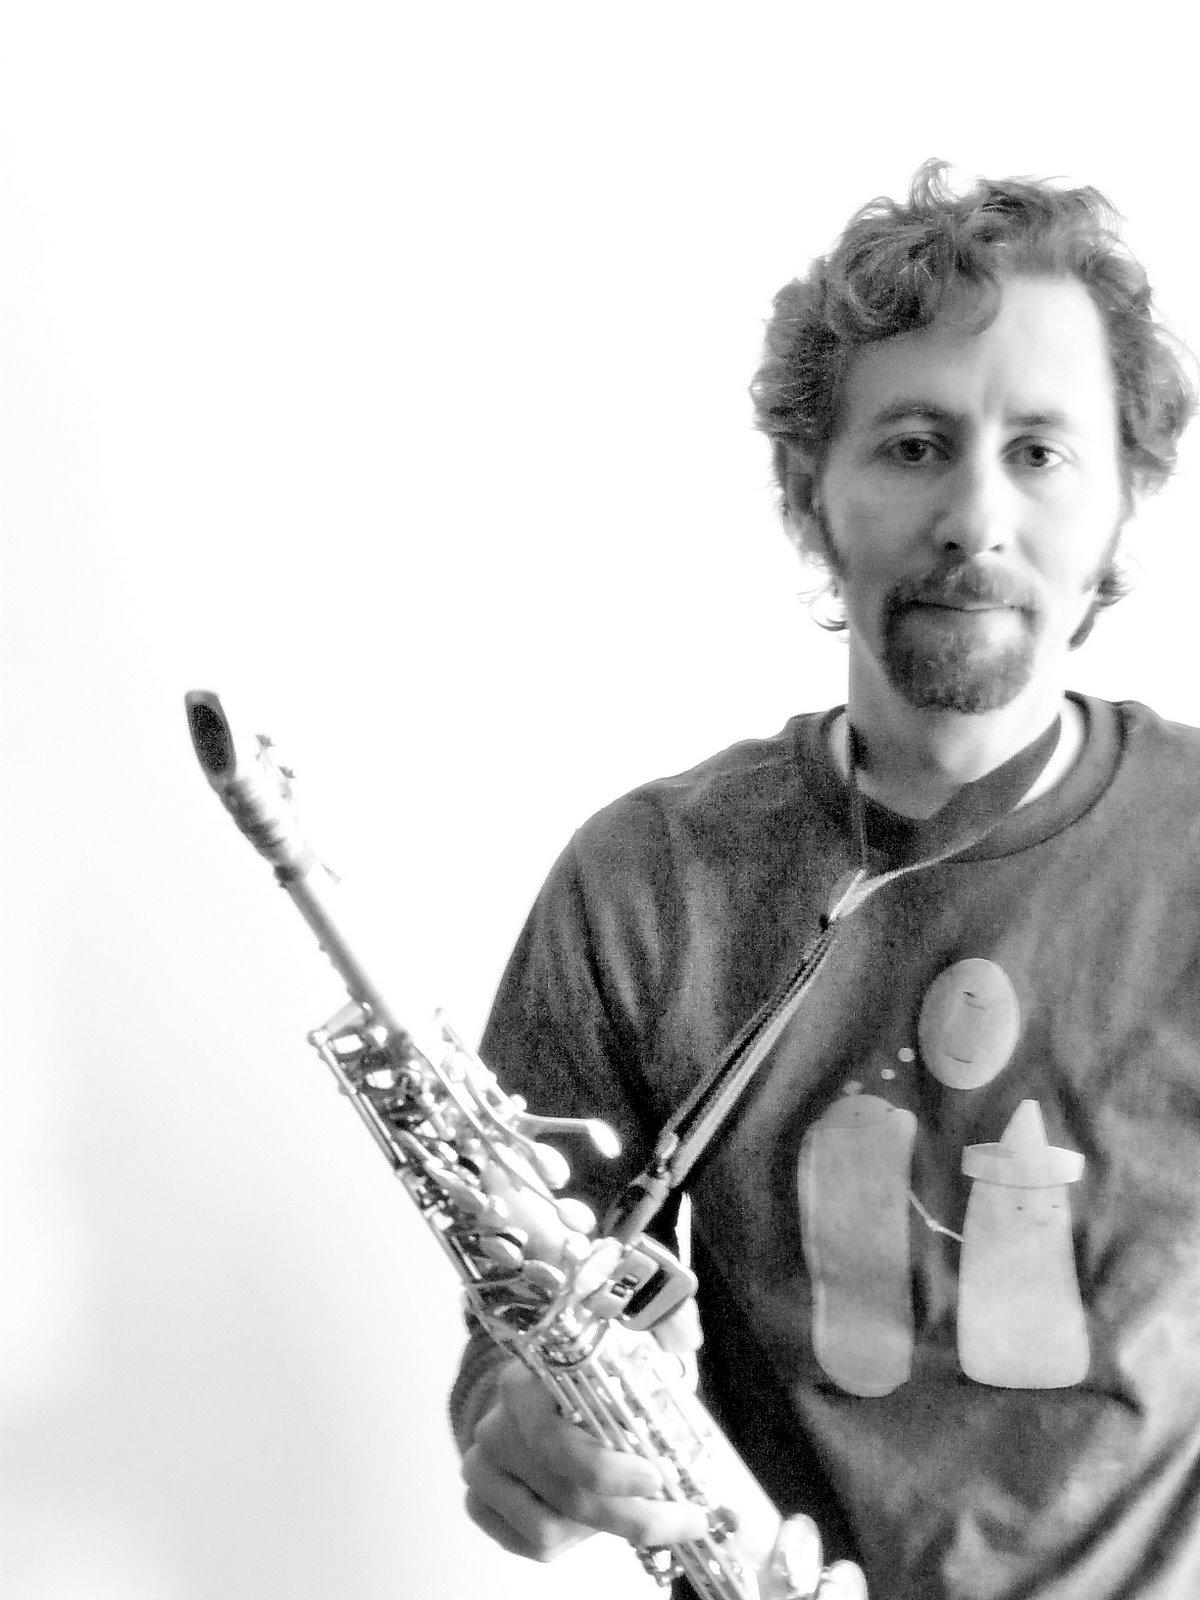 Michael Zbyszynski